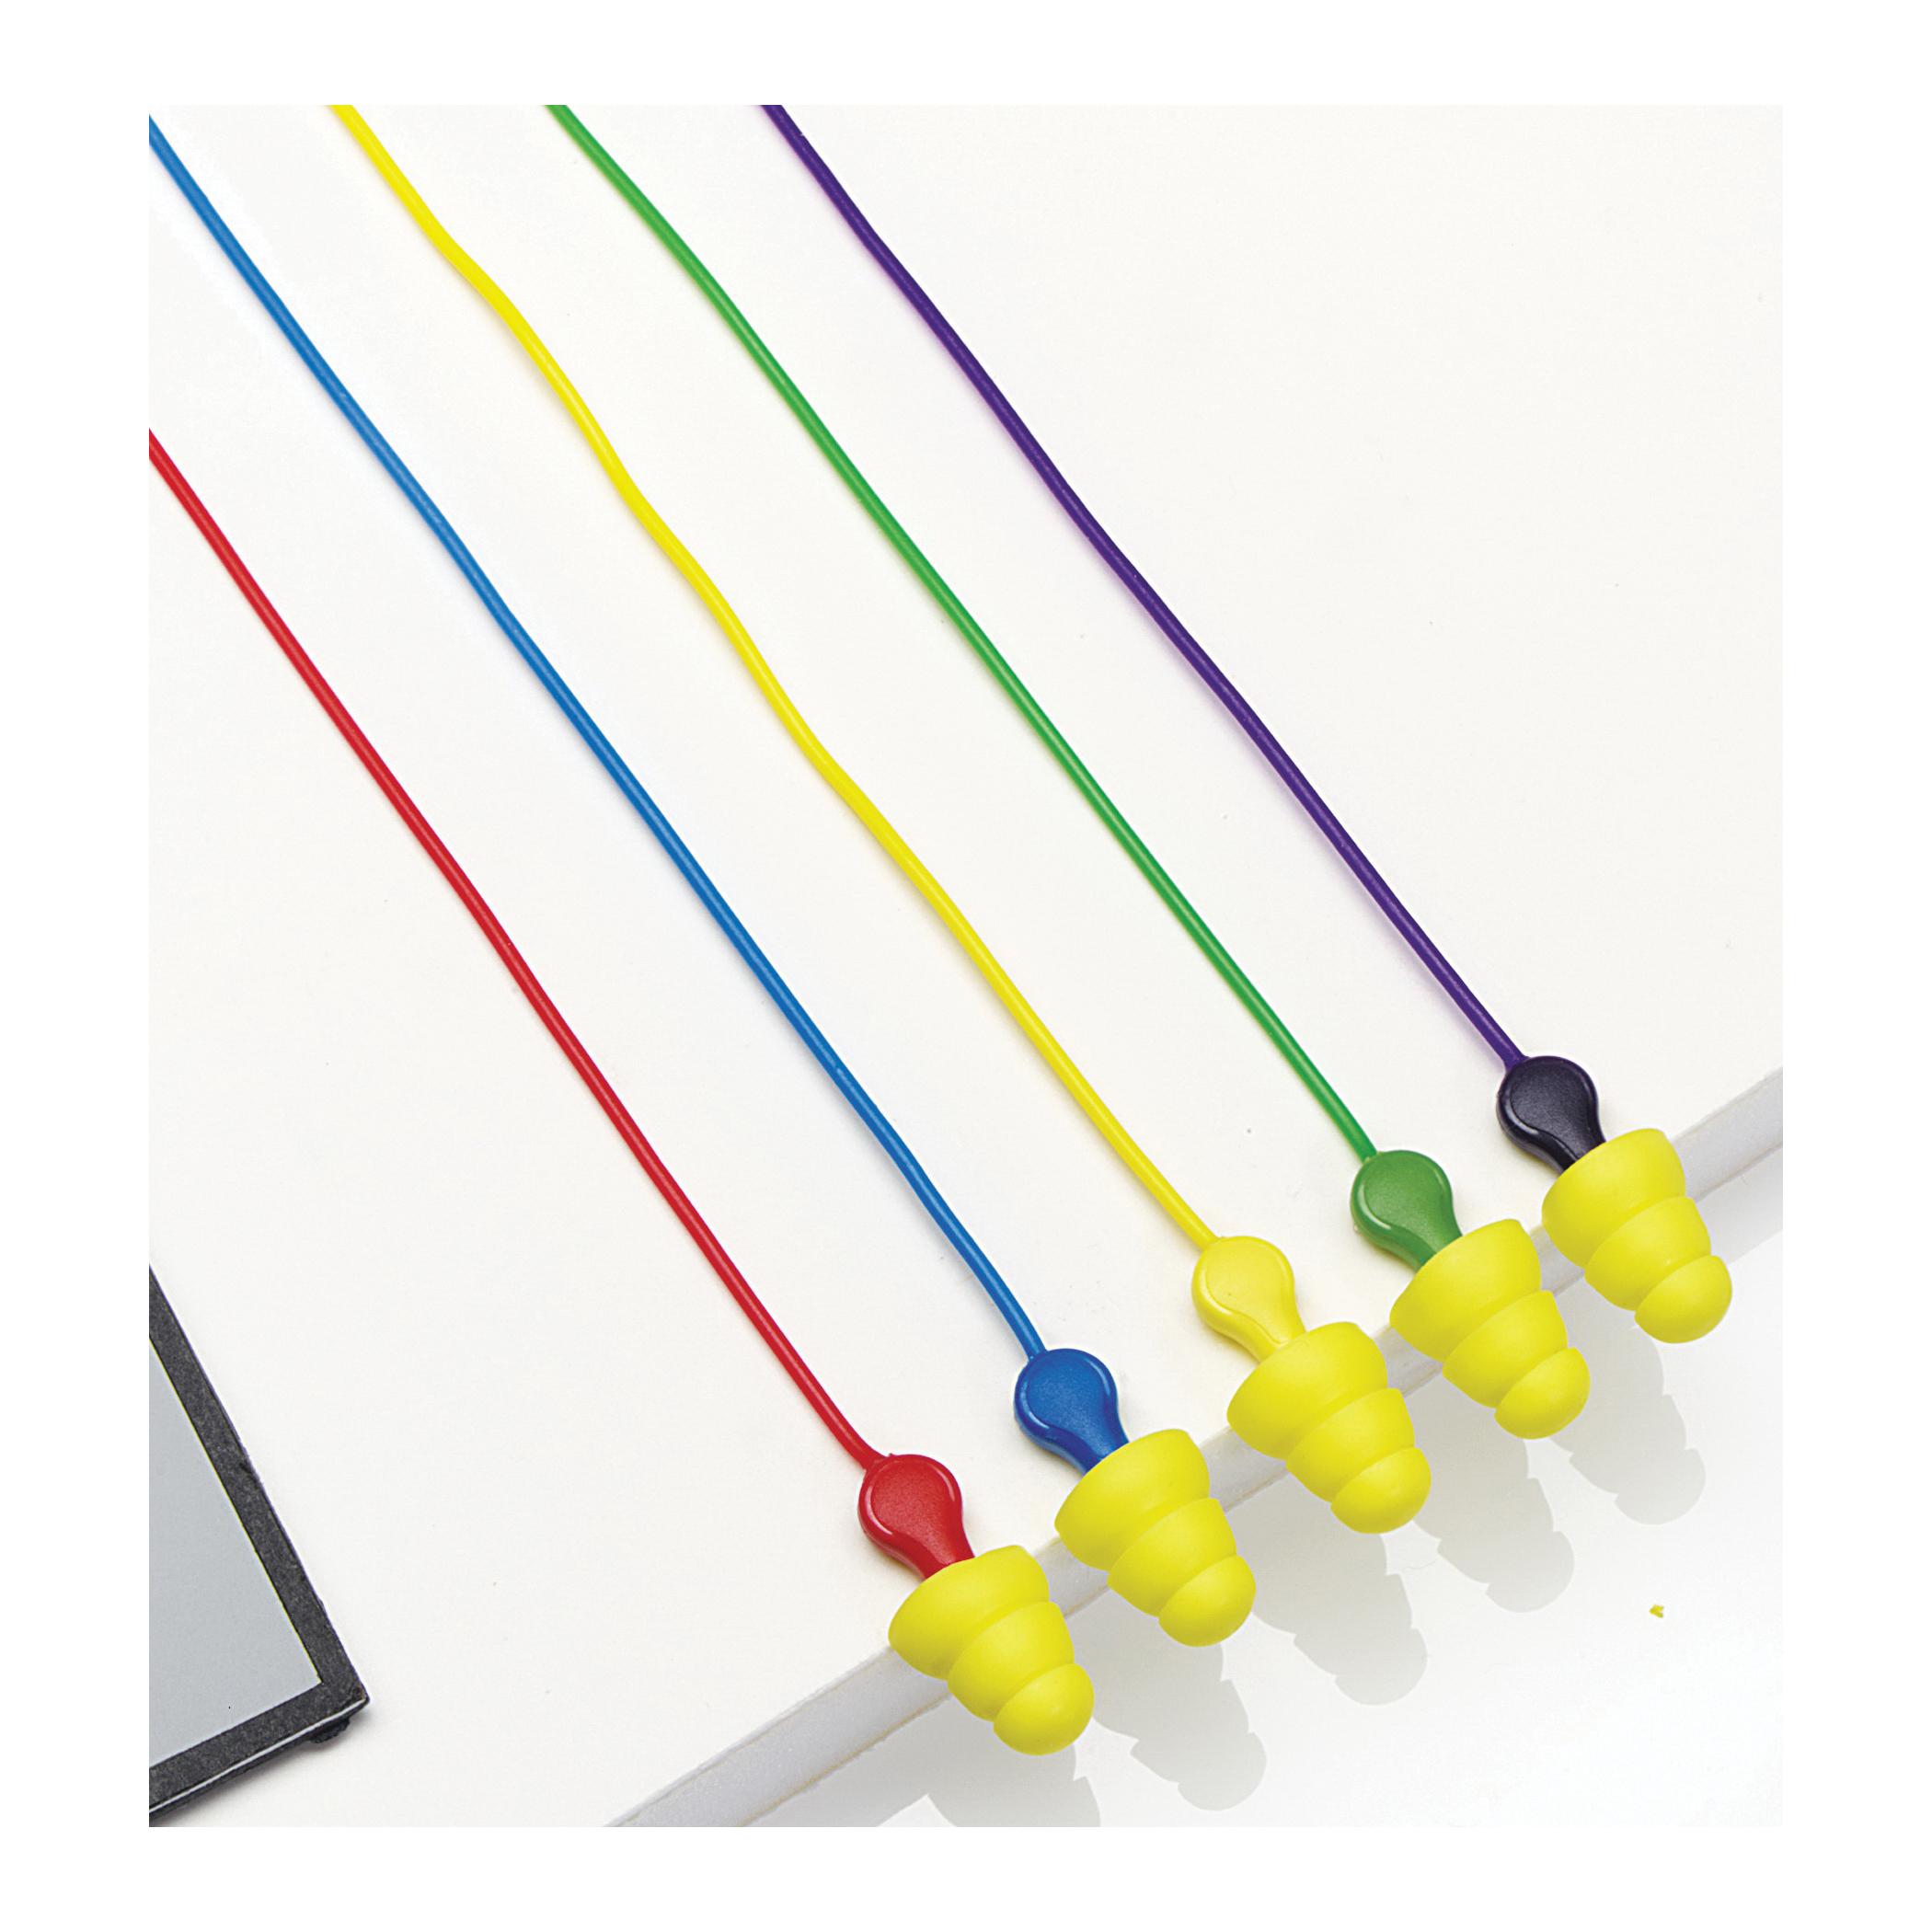 3M™ E-A-R™ 080529-40042 UltraFit Plus™ Earplugs, 26 dB Noise Reduction, Multi-Flange Shape, CSA Class AL, Reusable, Corded Design